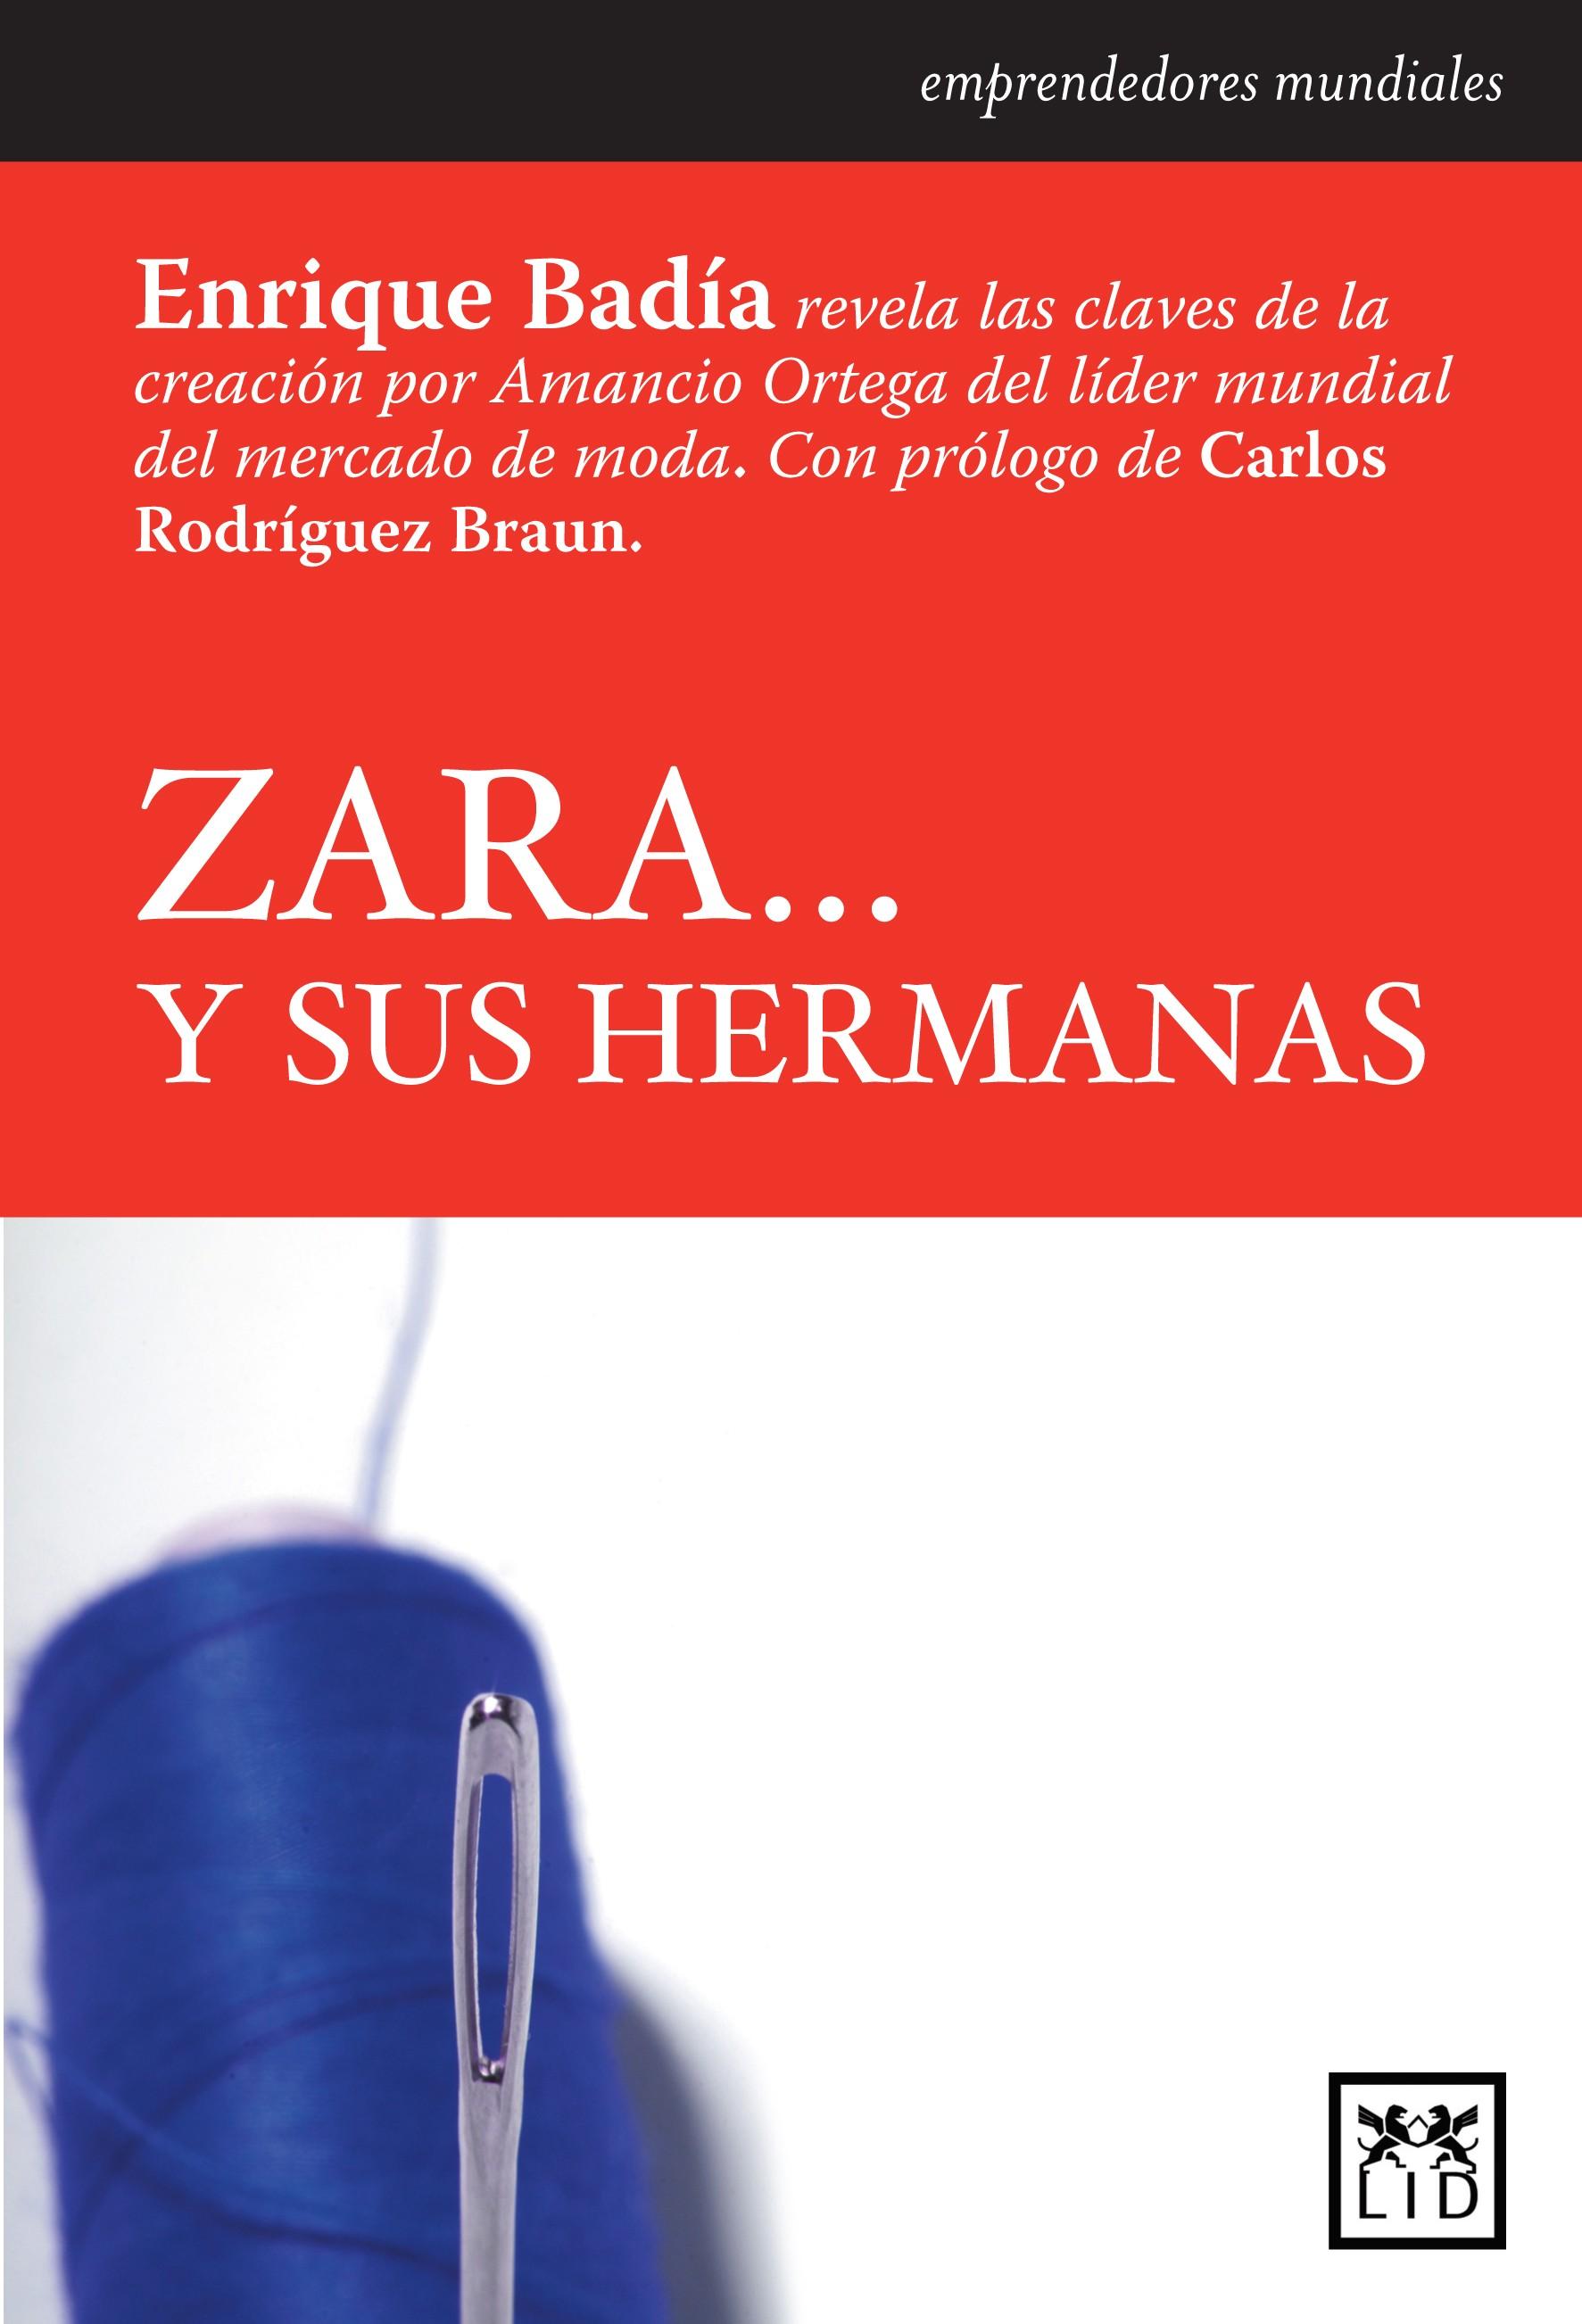 Zara… y sus hermanas